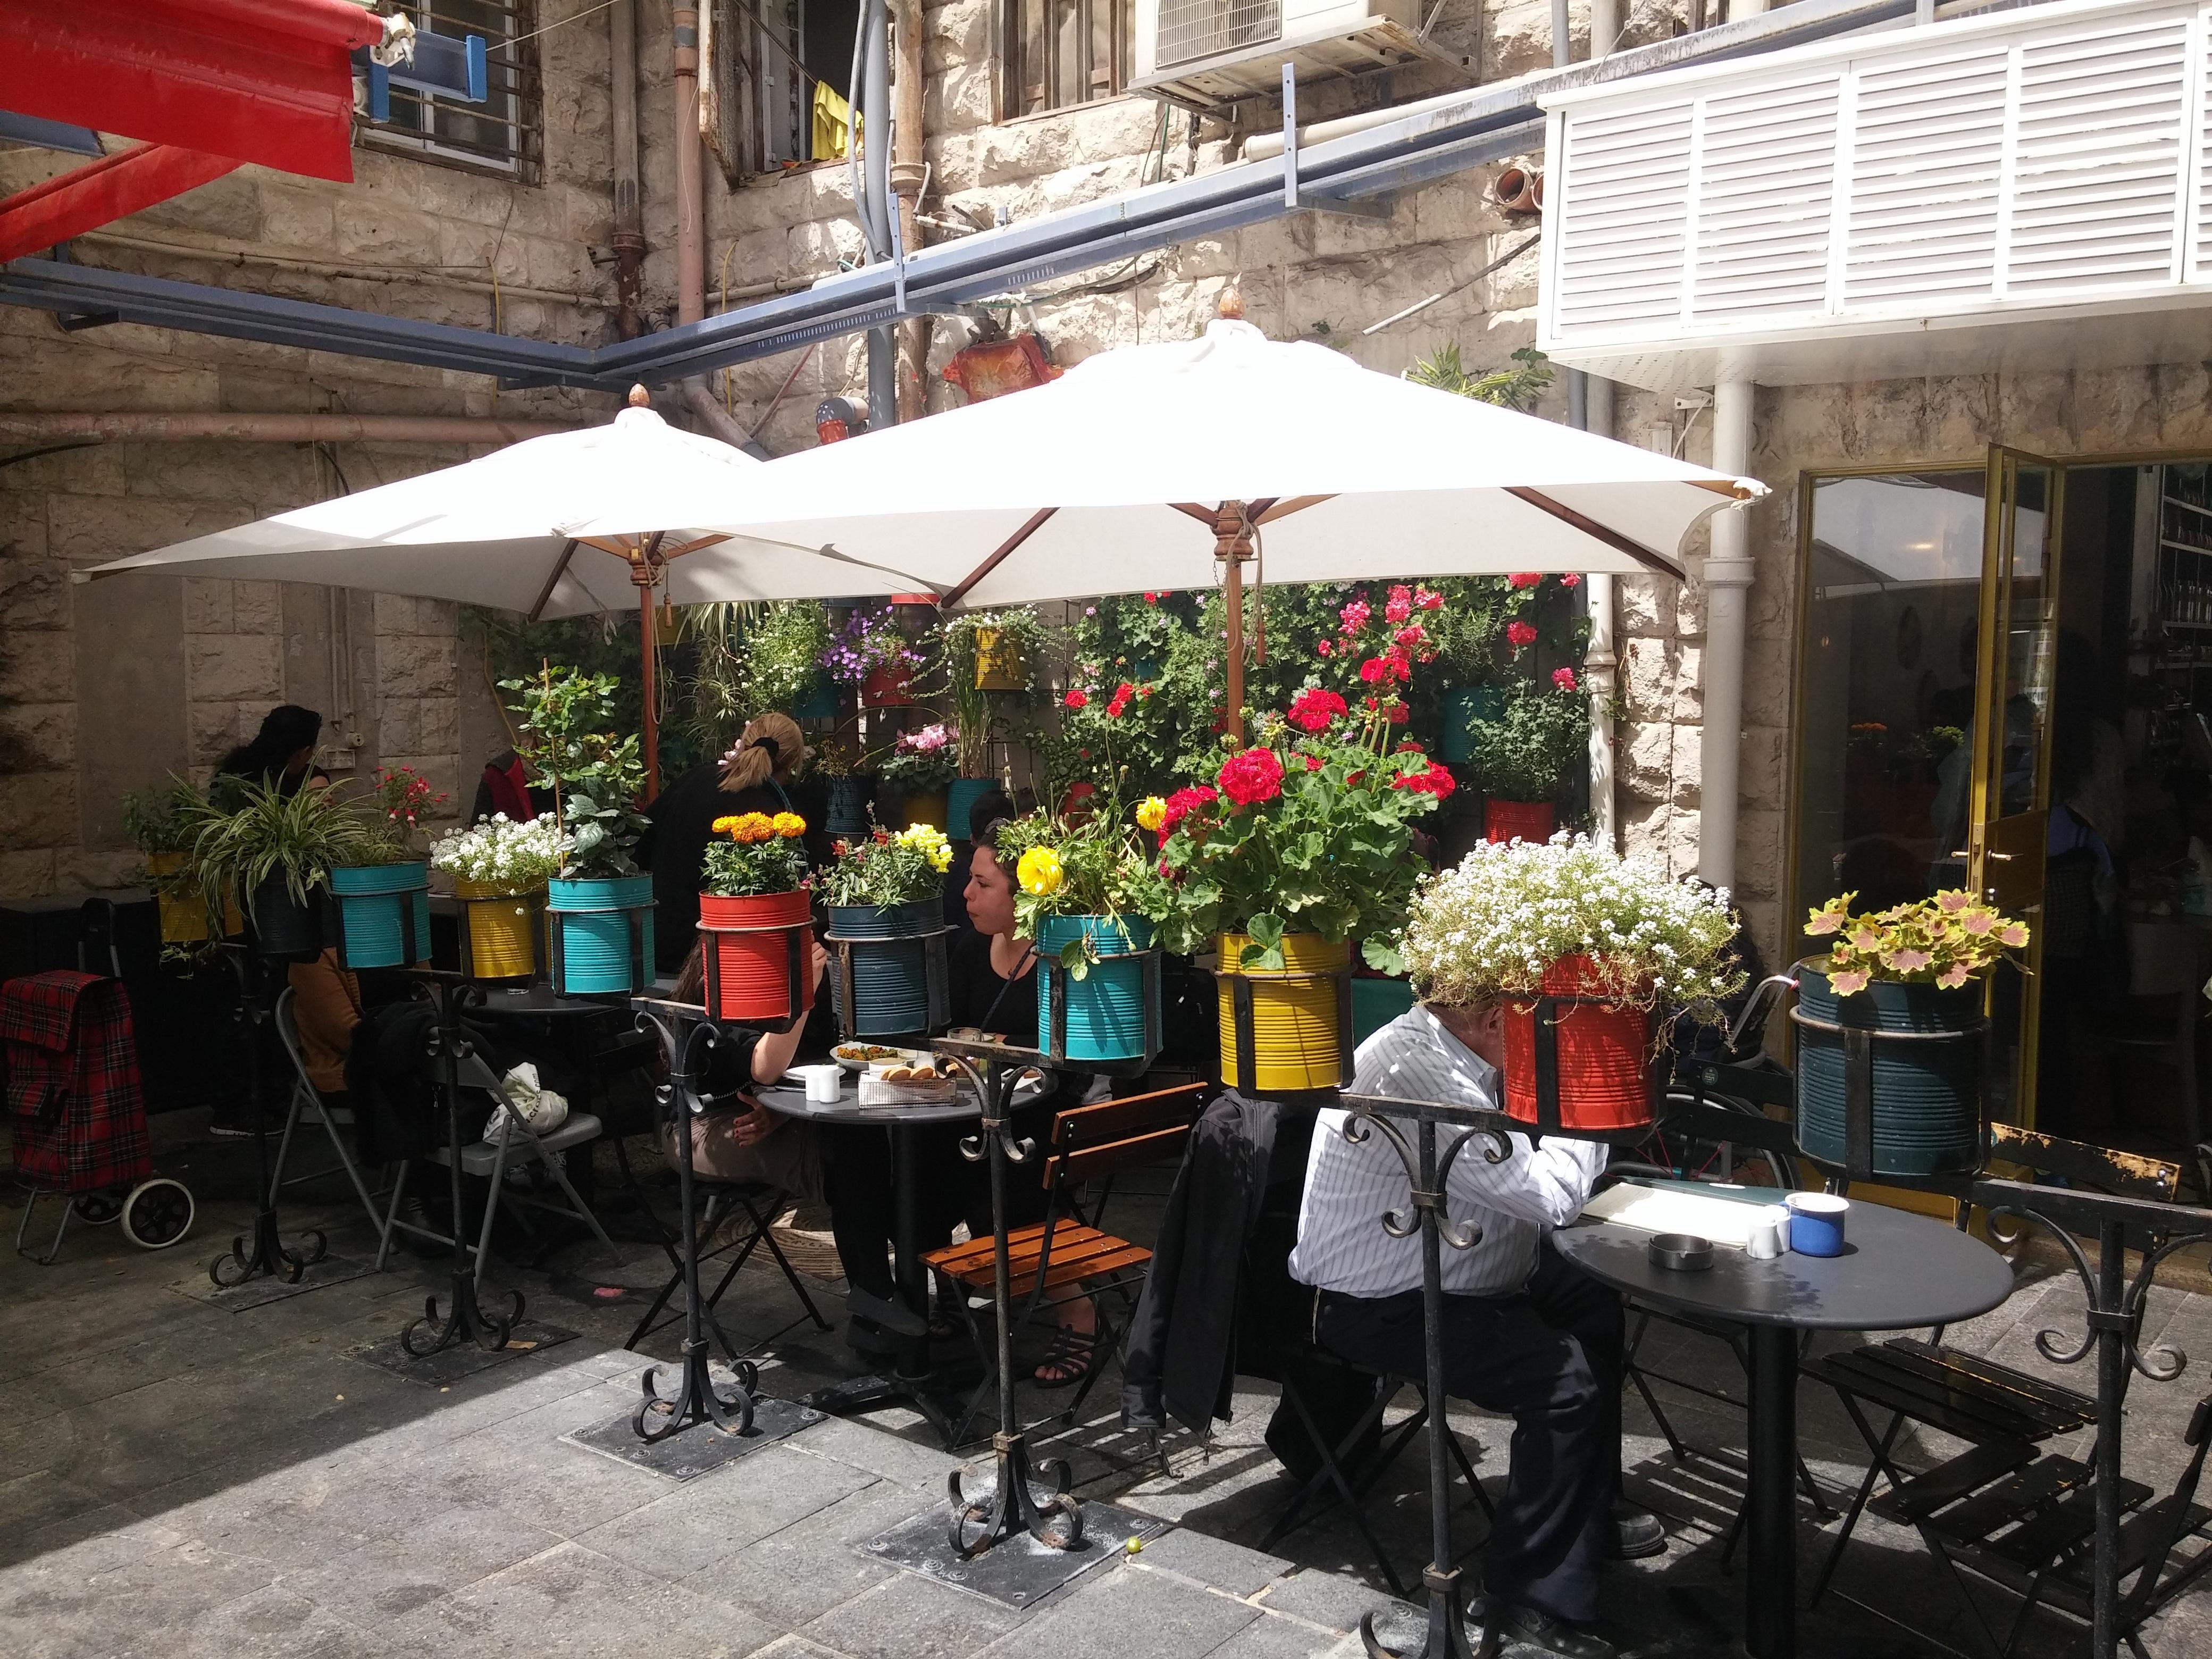 Fotos Gratis Cafetería Calle Restaurante Comida